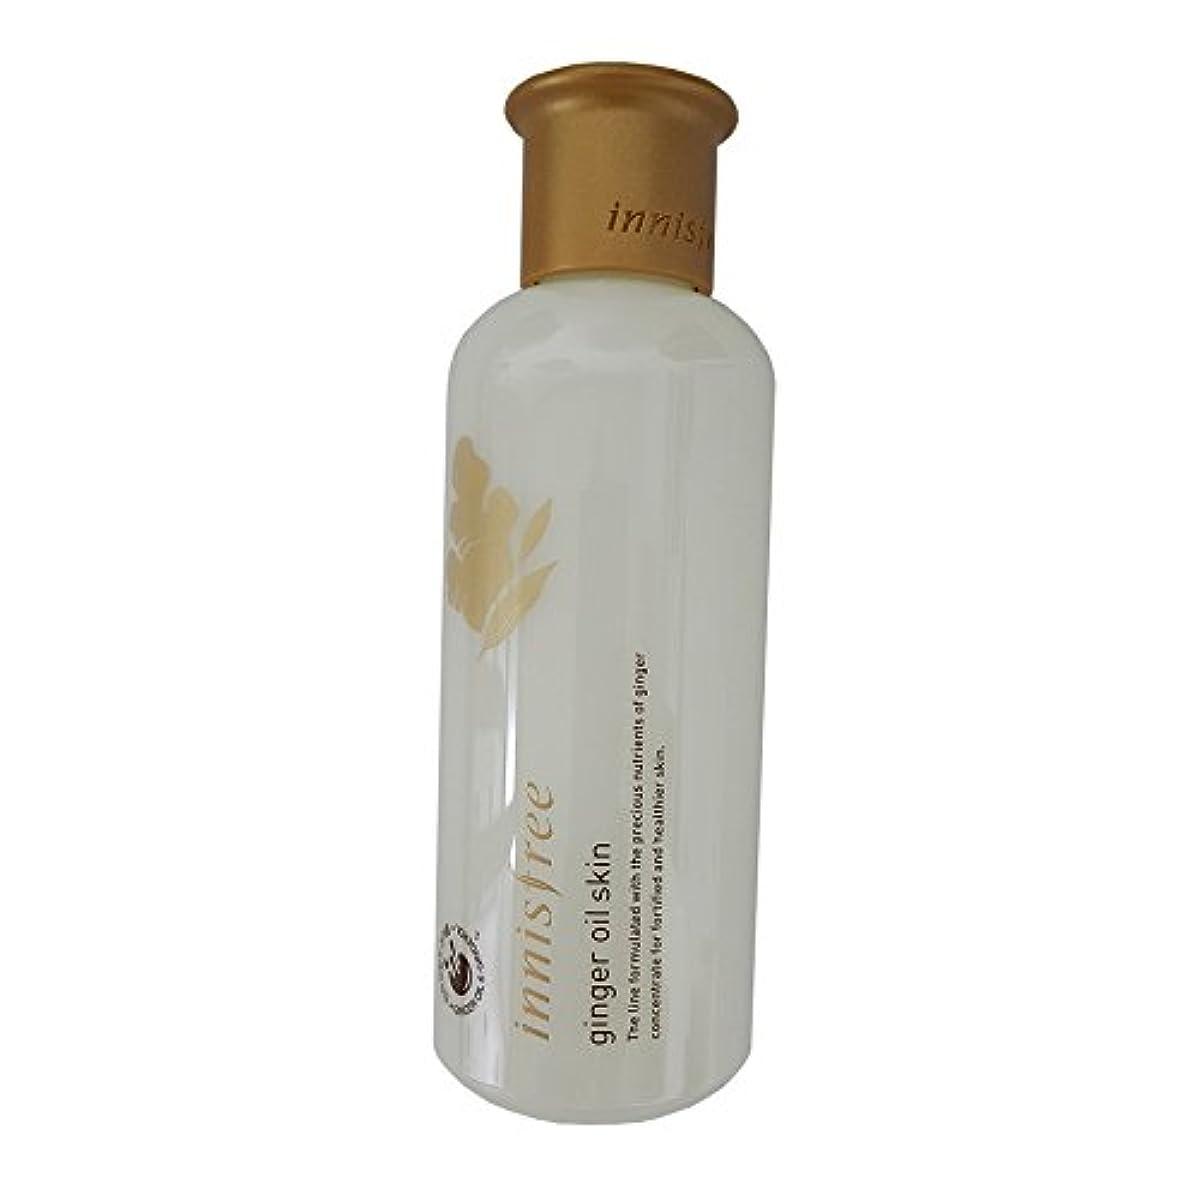 キャプション腐敗ぐるぐる[イニスフリー]Innisfree ジンジャーオイルスキン(200ml) Innisfree Ginger Oil Skin (200ml) [海外直送品]